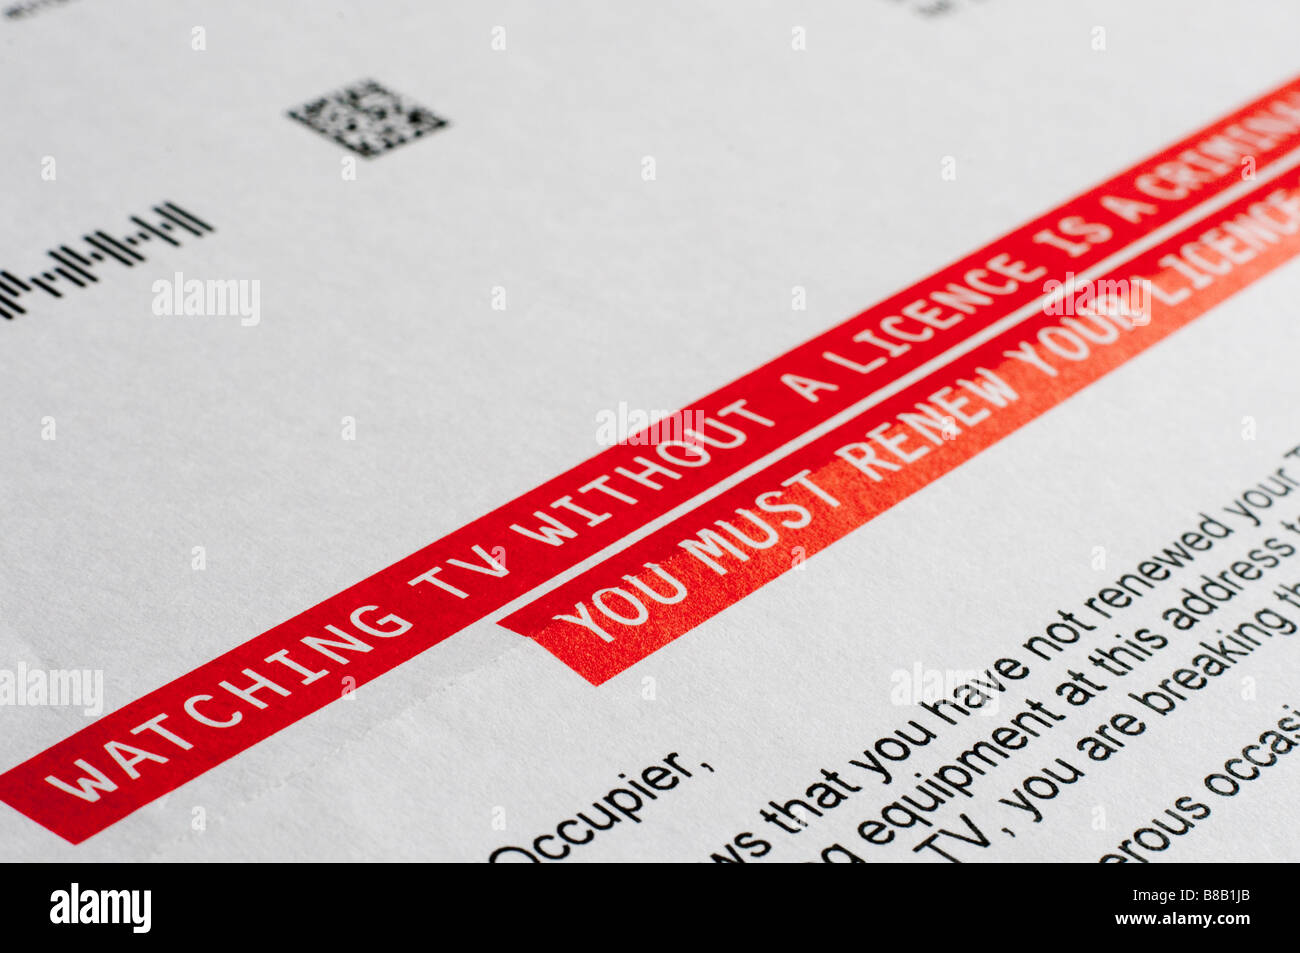 Lettre d'avertissement à propos de licences de télévision/justice pénale si la licence n'est Photo Stock